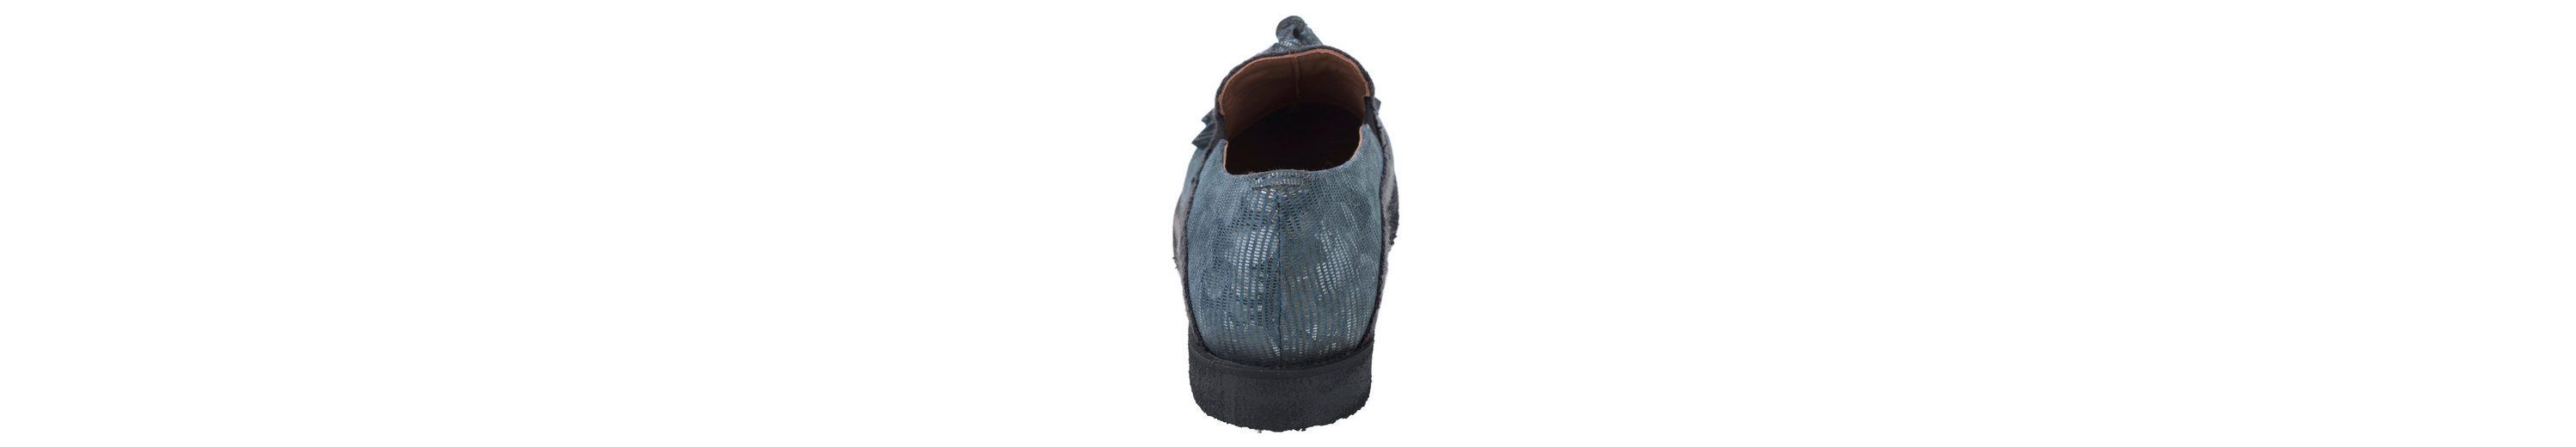 Low-Cost Online Um Zu Verkaufen XYXYX Slipper Vorbestellung Online Eastbay Günstigen Preis RK4Wjm